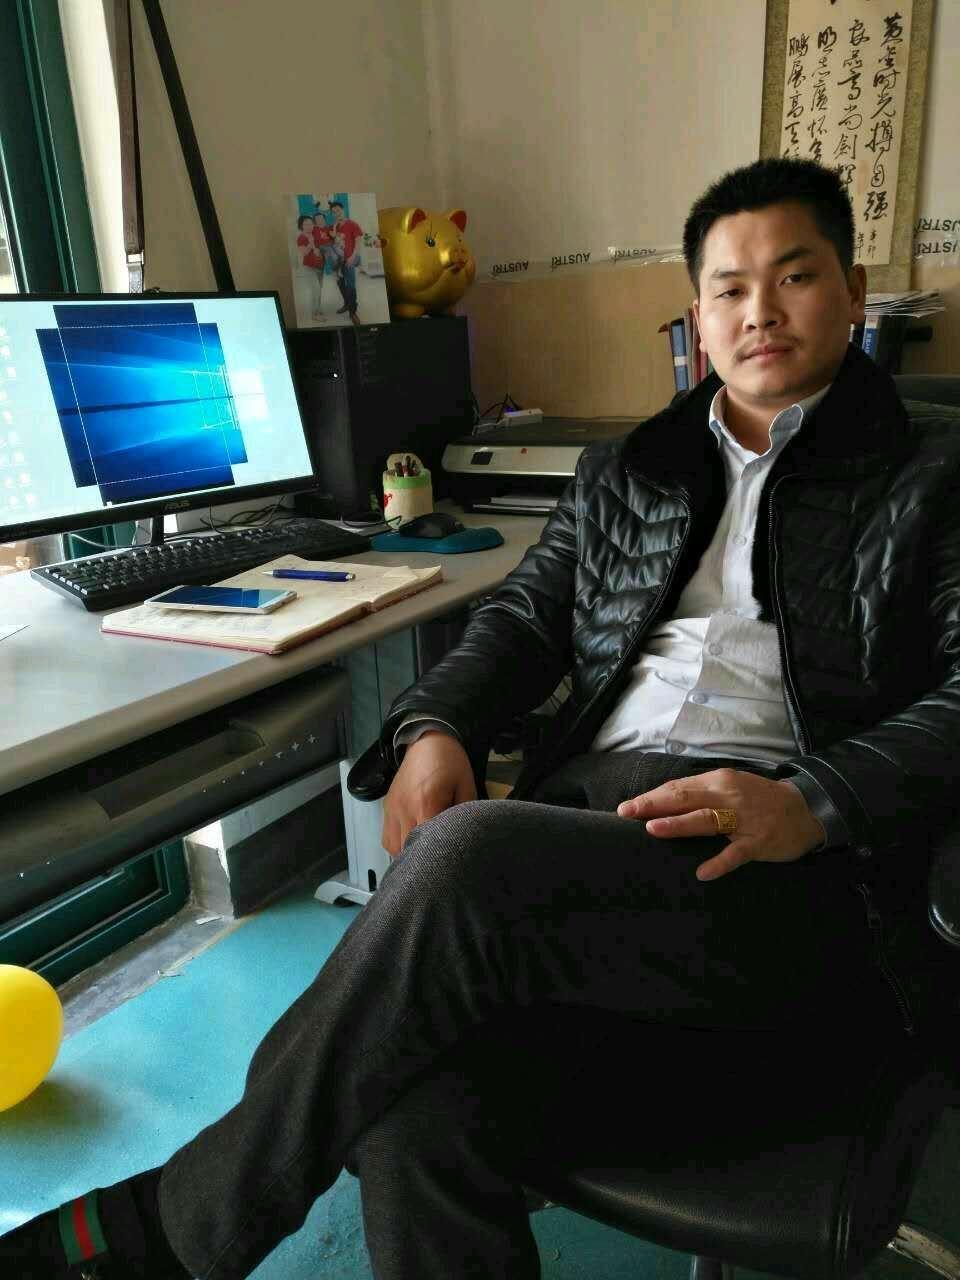 上海到巴音郭楞州物流专线(上海超猛物流有限公司)